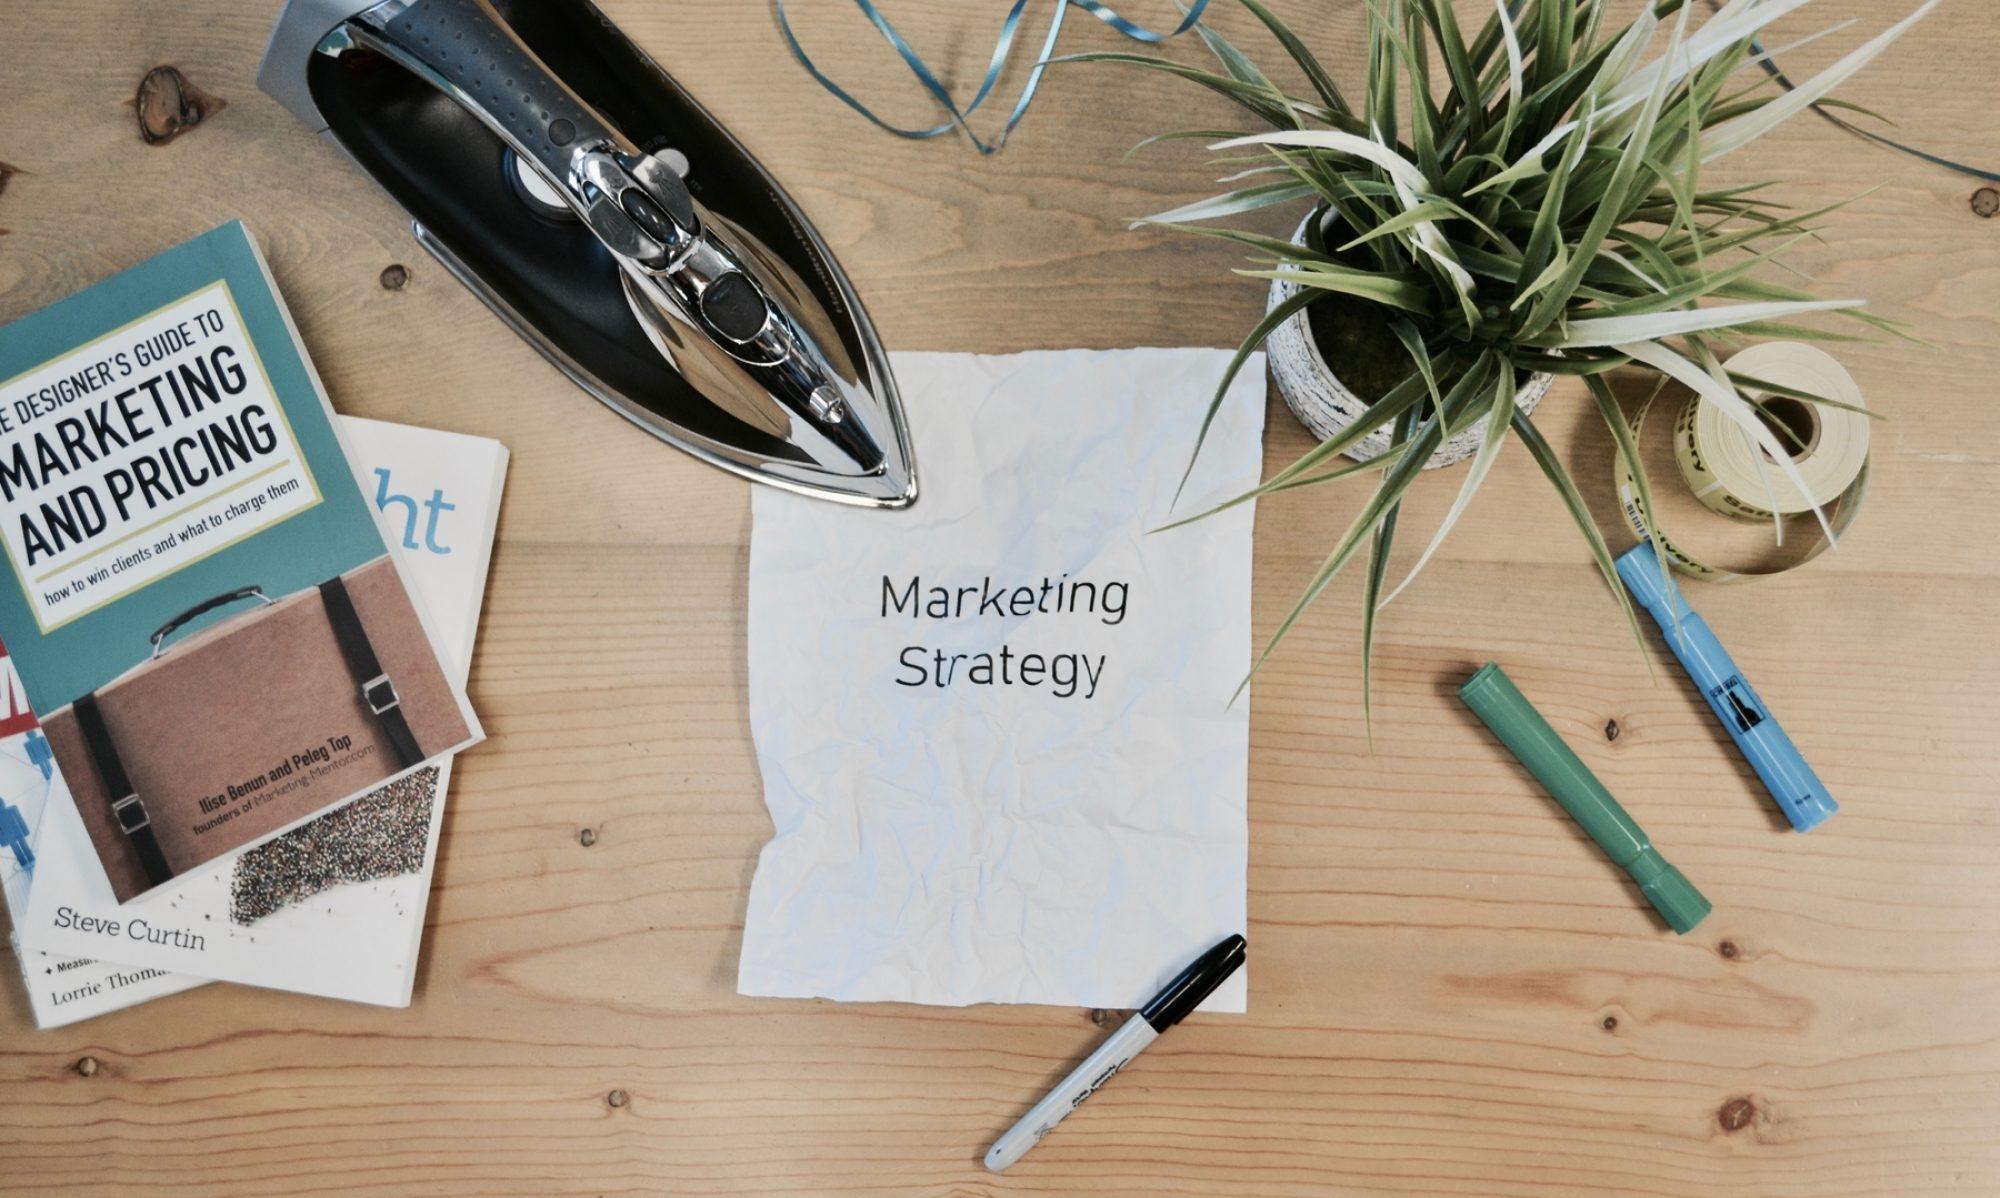 sz-marketing